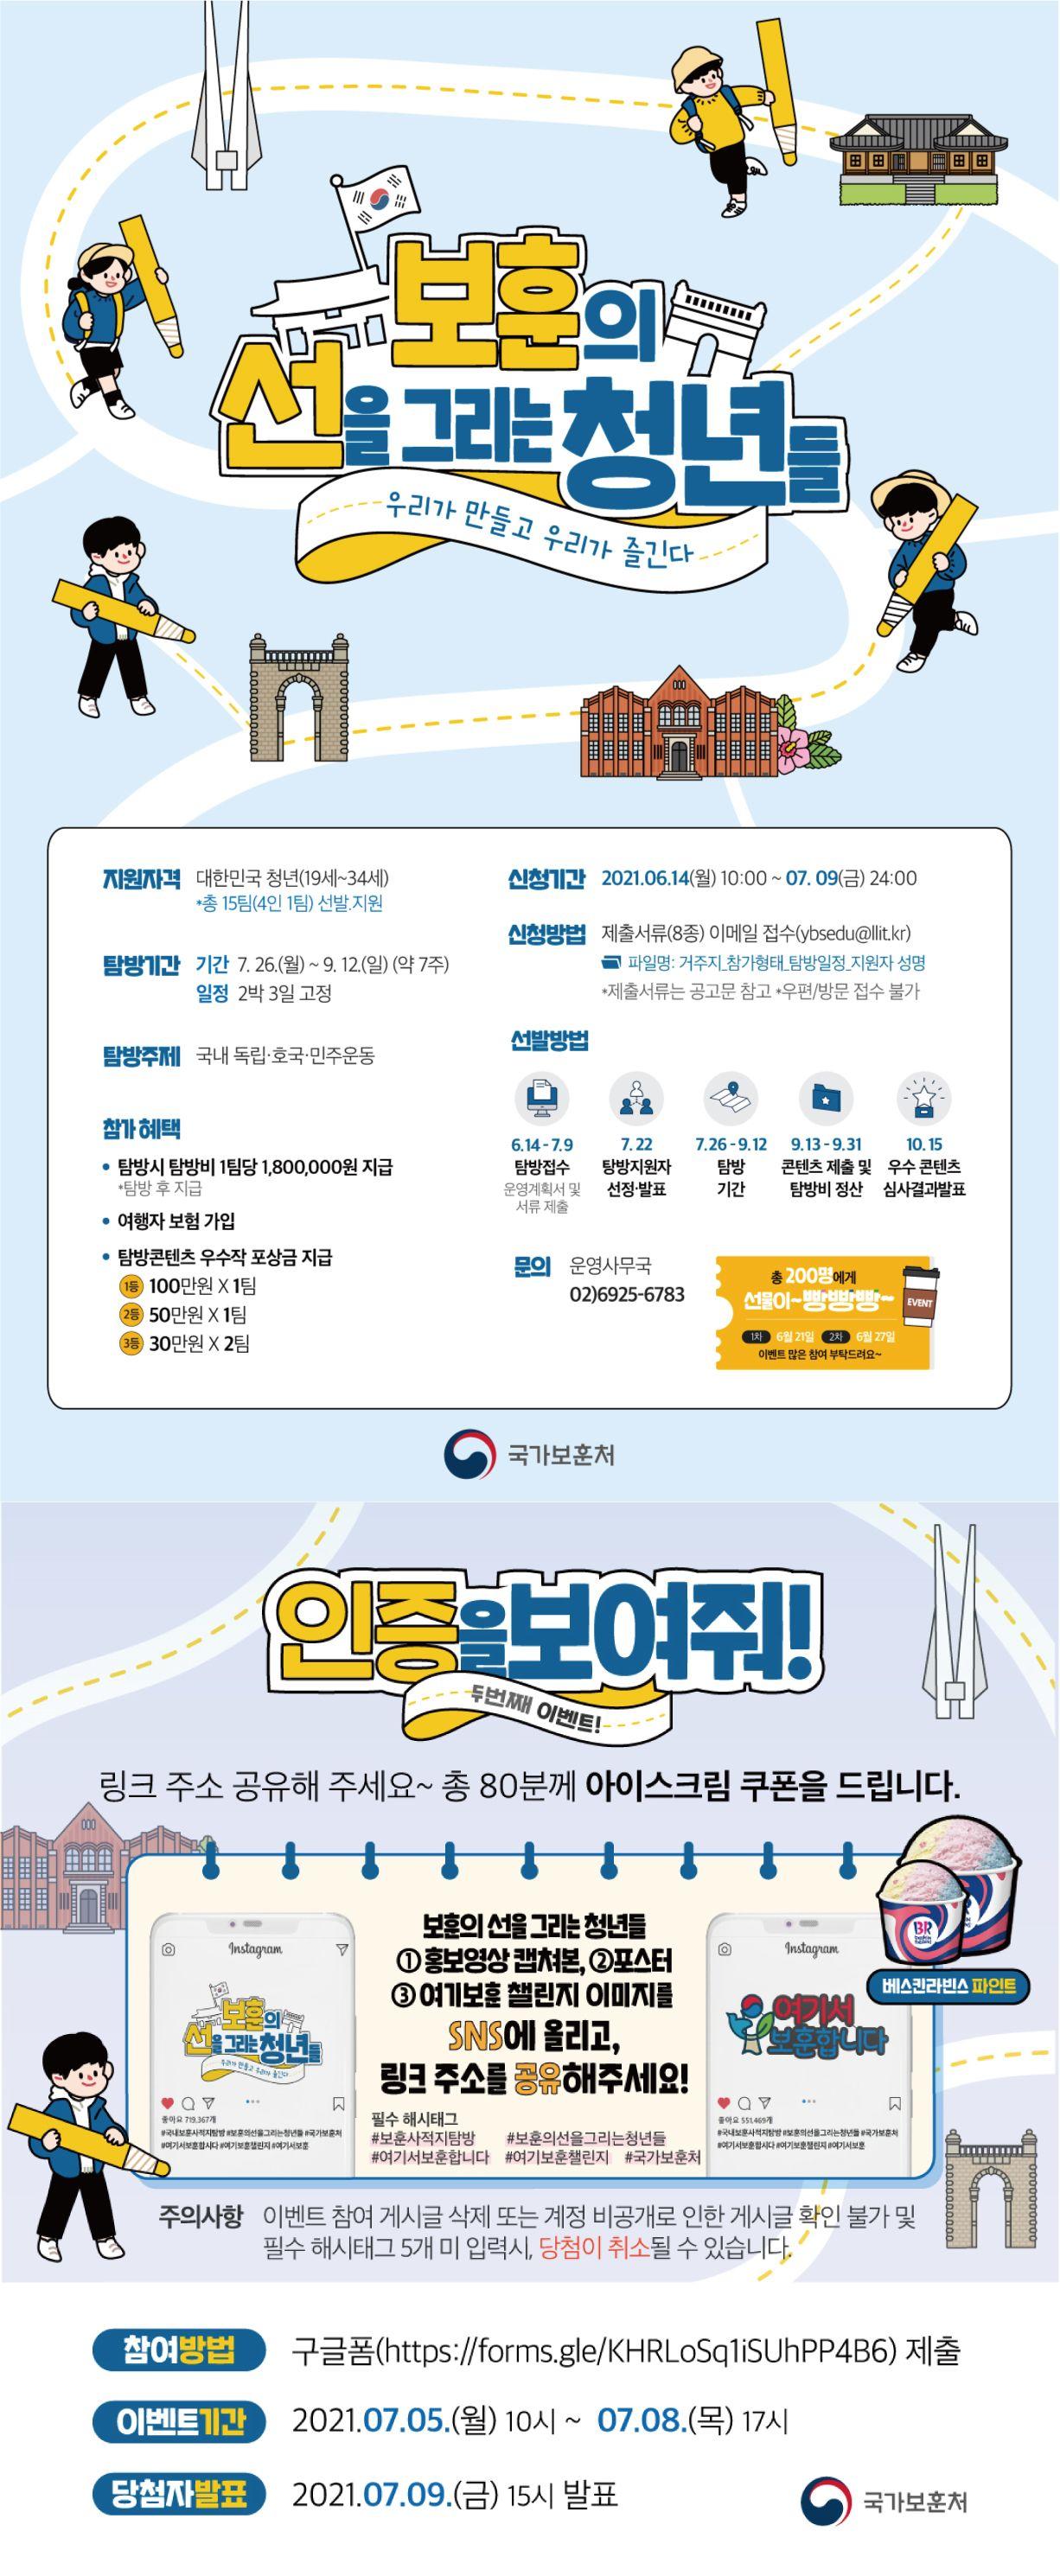 [국가보훈처] 2021 국내보훈사적지 탐방 <보훈의 선을 그리는 청년들>